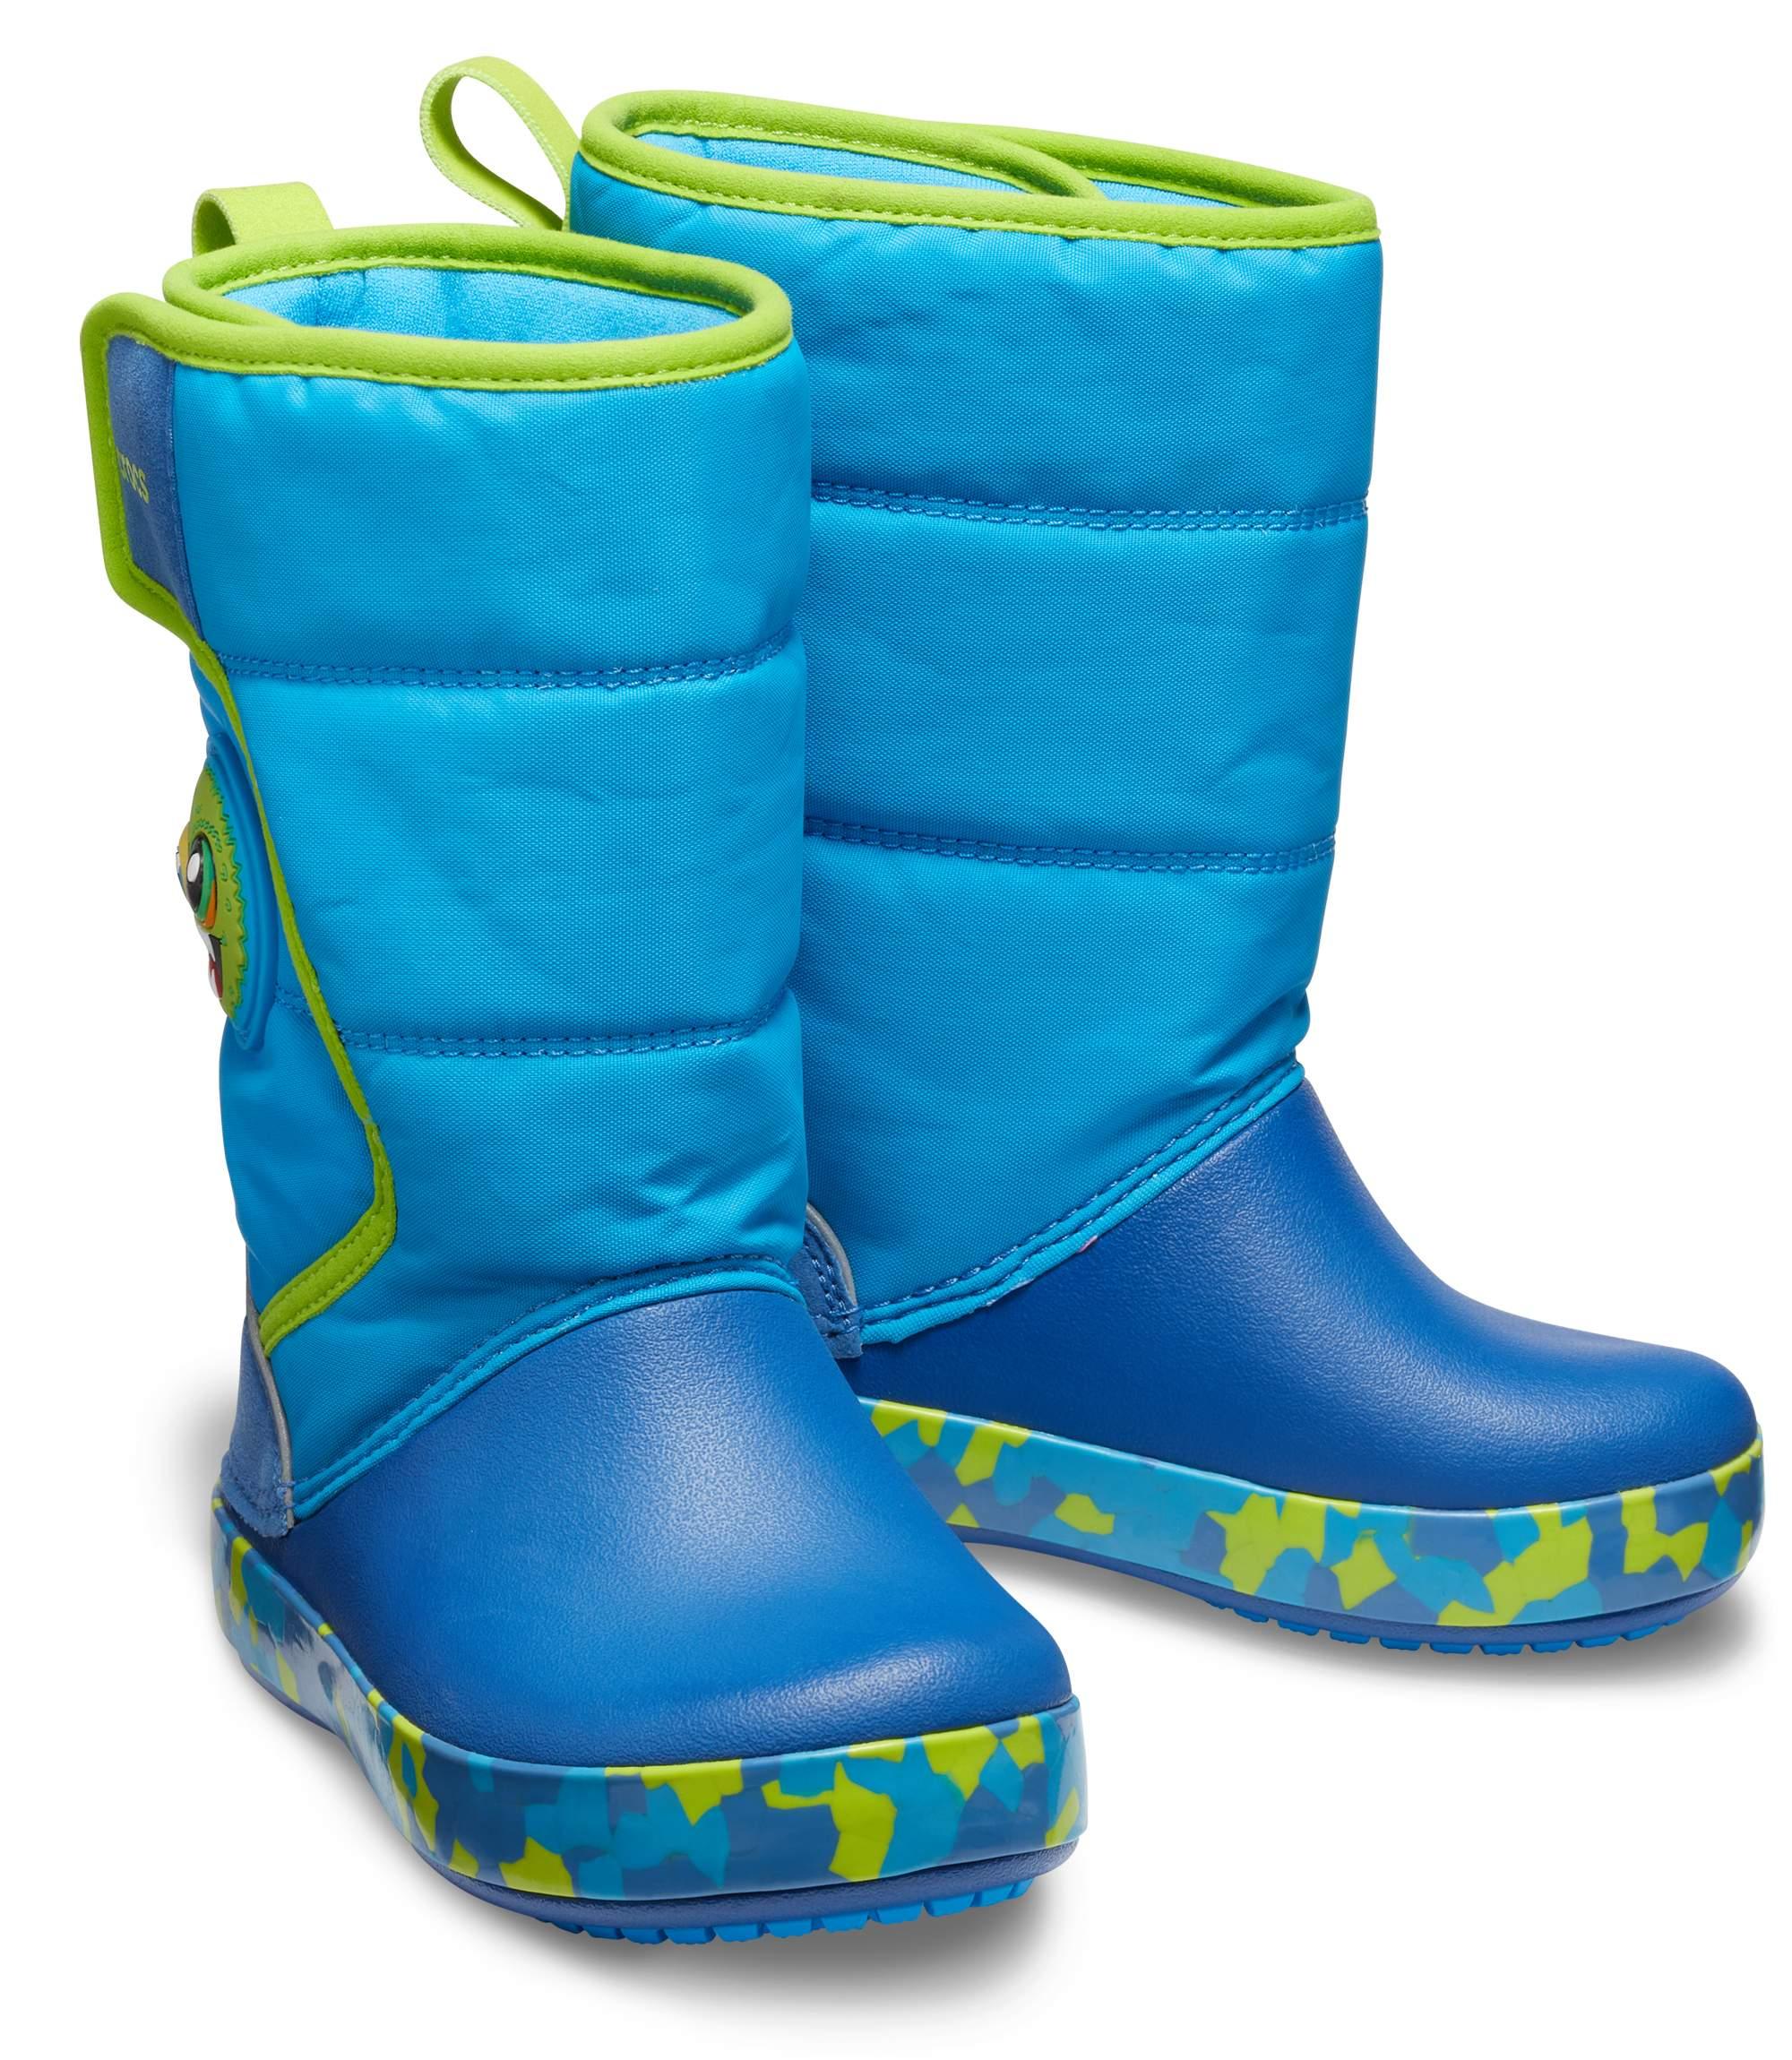 【クロックス公式】 クロックス ファン ラブ モンスター ライツ ブーツ キッズ Kids' Crocs Fun Lab Monster Lights Boot ユニセックス、キッズ、子供用、男の子、女の子、男女兼用 ライトブルー/青 14cm,15cm,15.5cm,16.5cm,17.5cm,18cm,18.5cm,19cm,19.5cm,20cm,21cm boot ブーツ